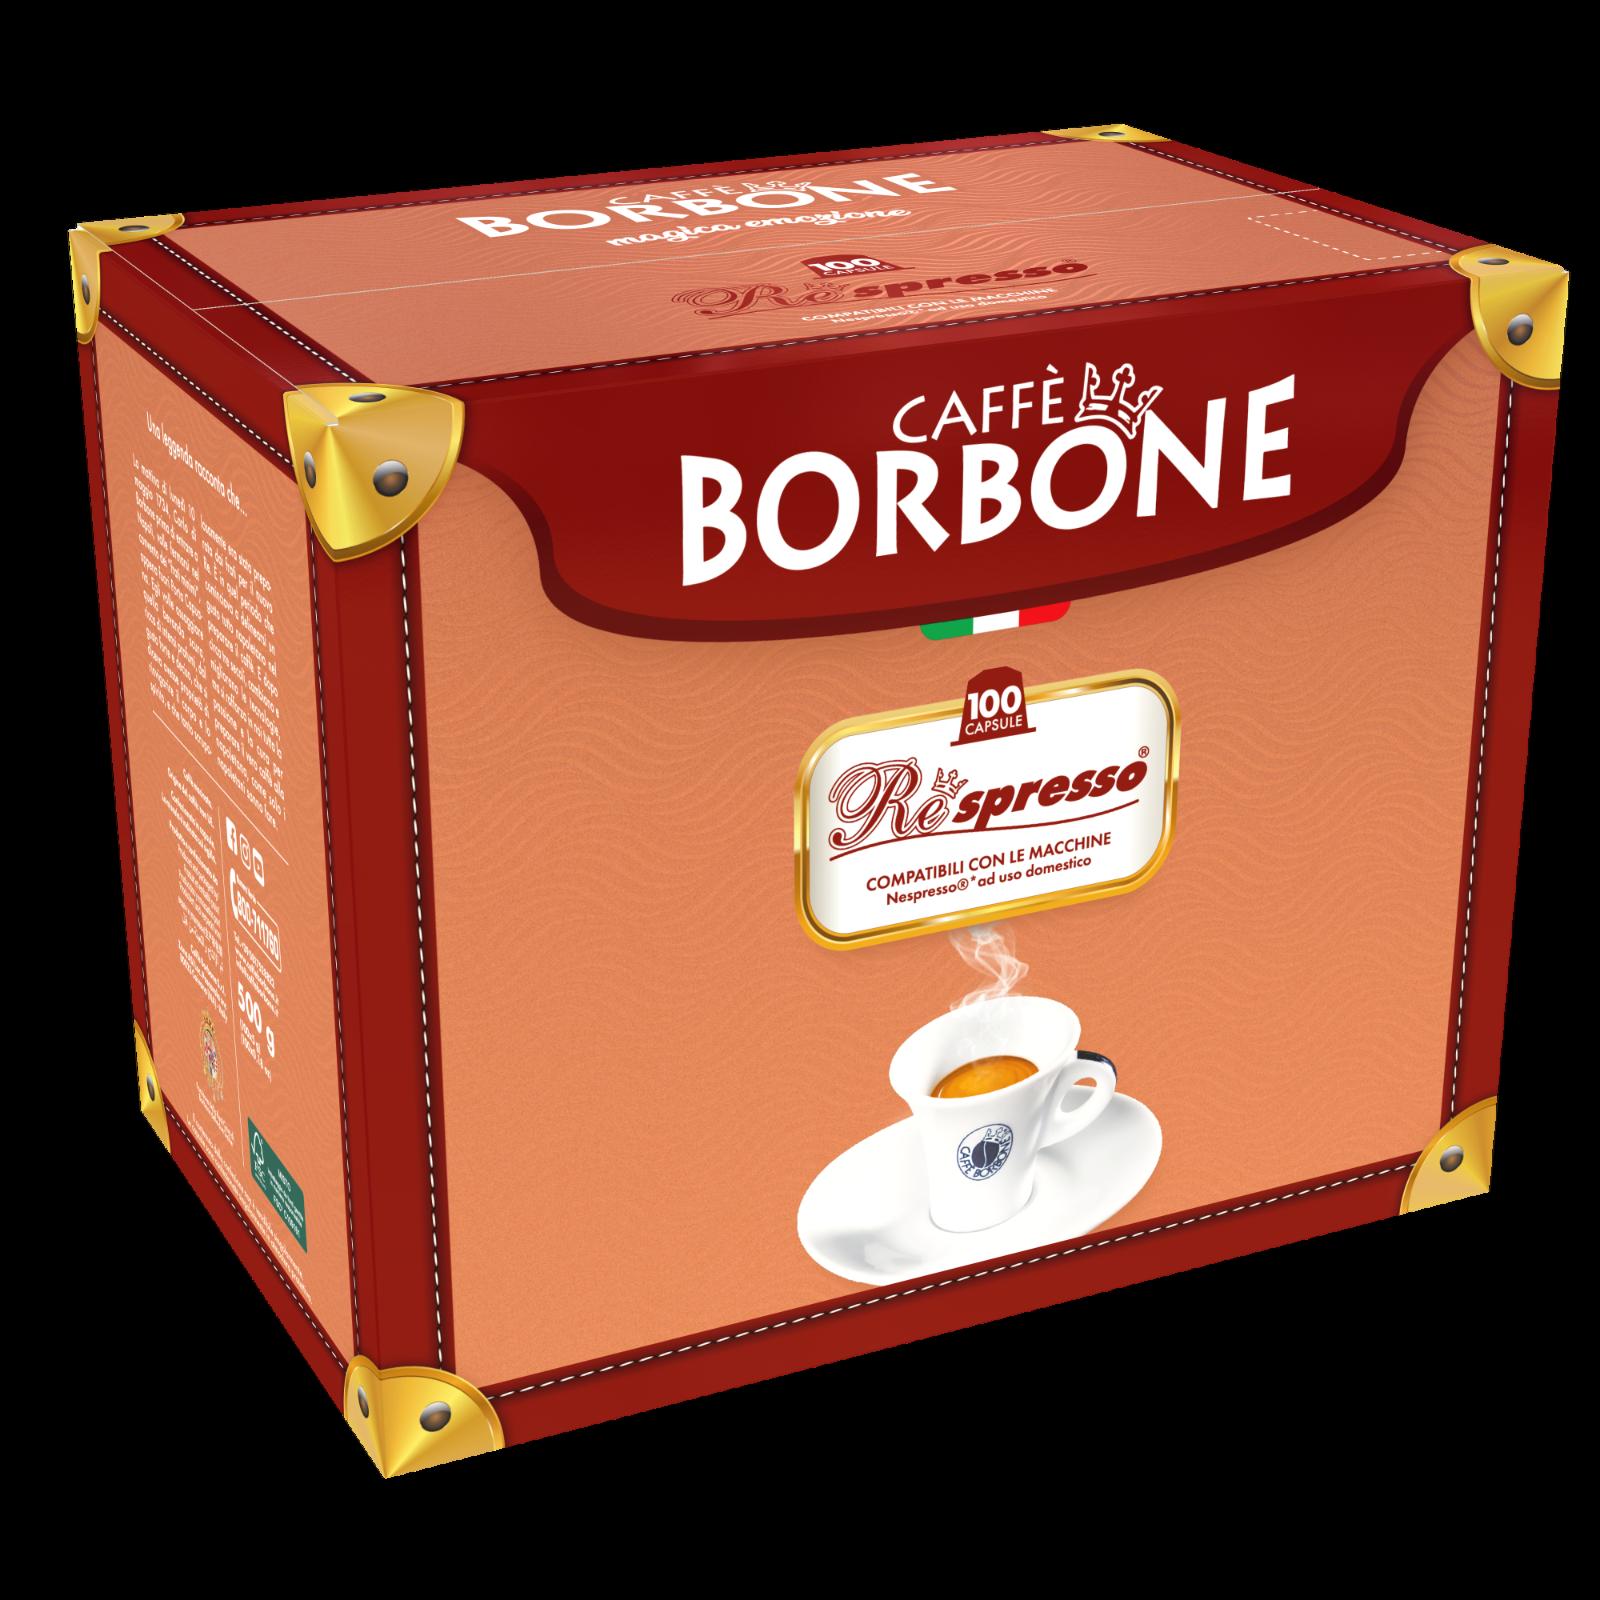 100 Capsule Cialde Caffè Caffe Borbone Respresso Nera Nero compatibili Nespresso 2